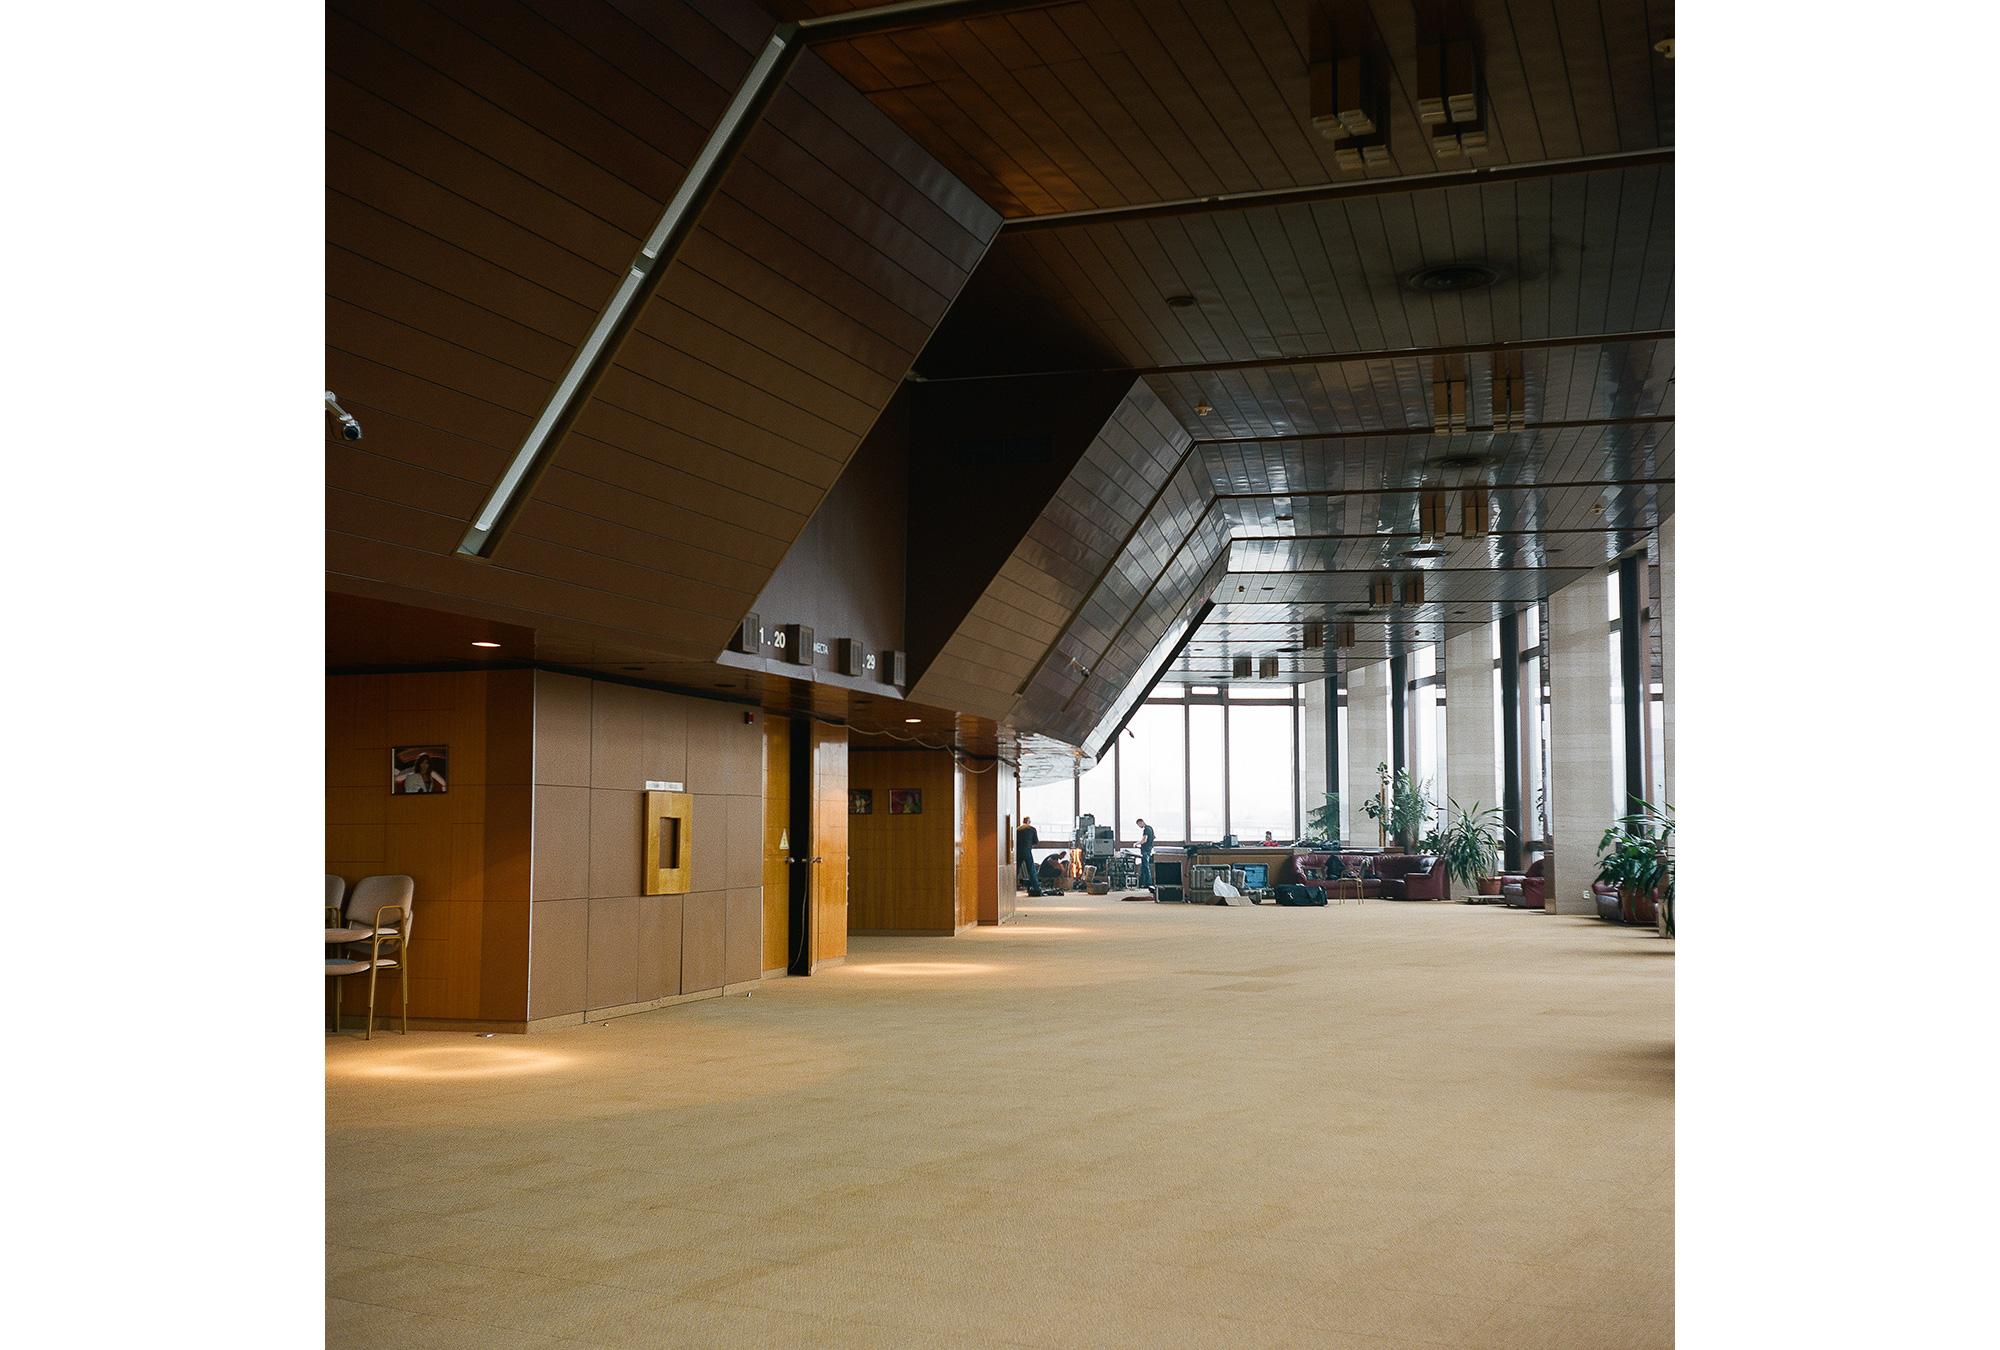 Die Lobby des Hotels Kosmos, das 1979 hauptsächlich für Besucher fertiggestellt wurde,   aber auch eines der Olympischen Pressezentren beherbergte.